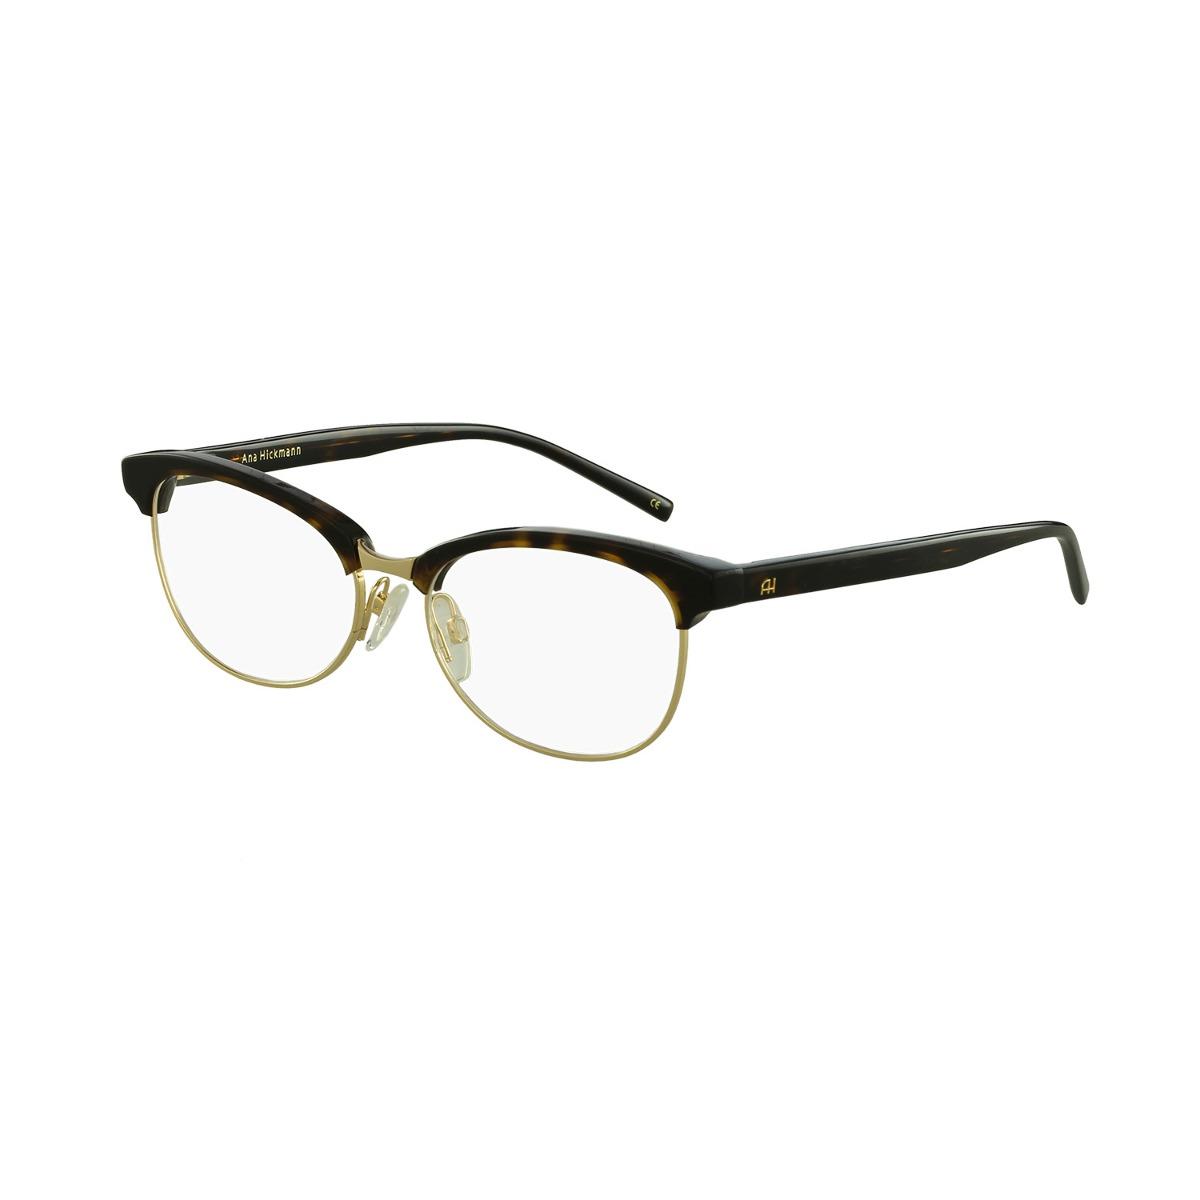 Óculos De Grau Ana Hickmann Casual Marrom - R  497,00 em Mercado Livre 60719f56fa